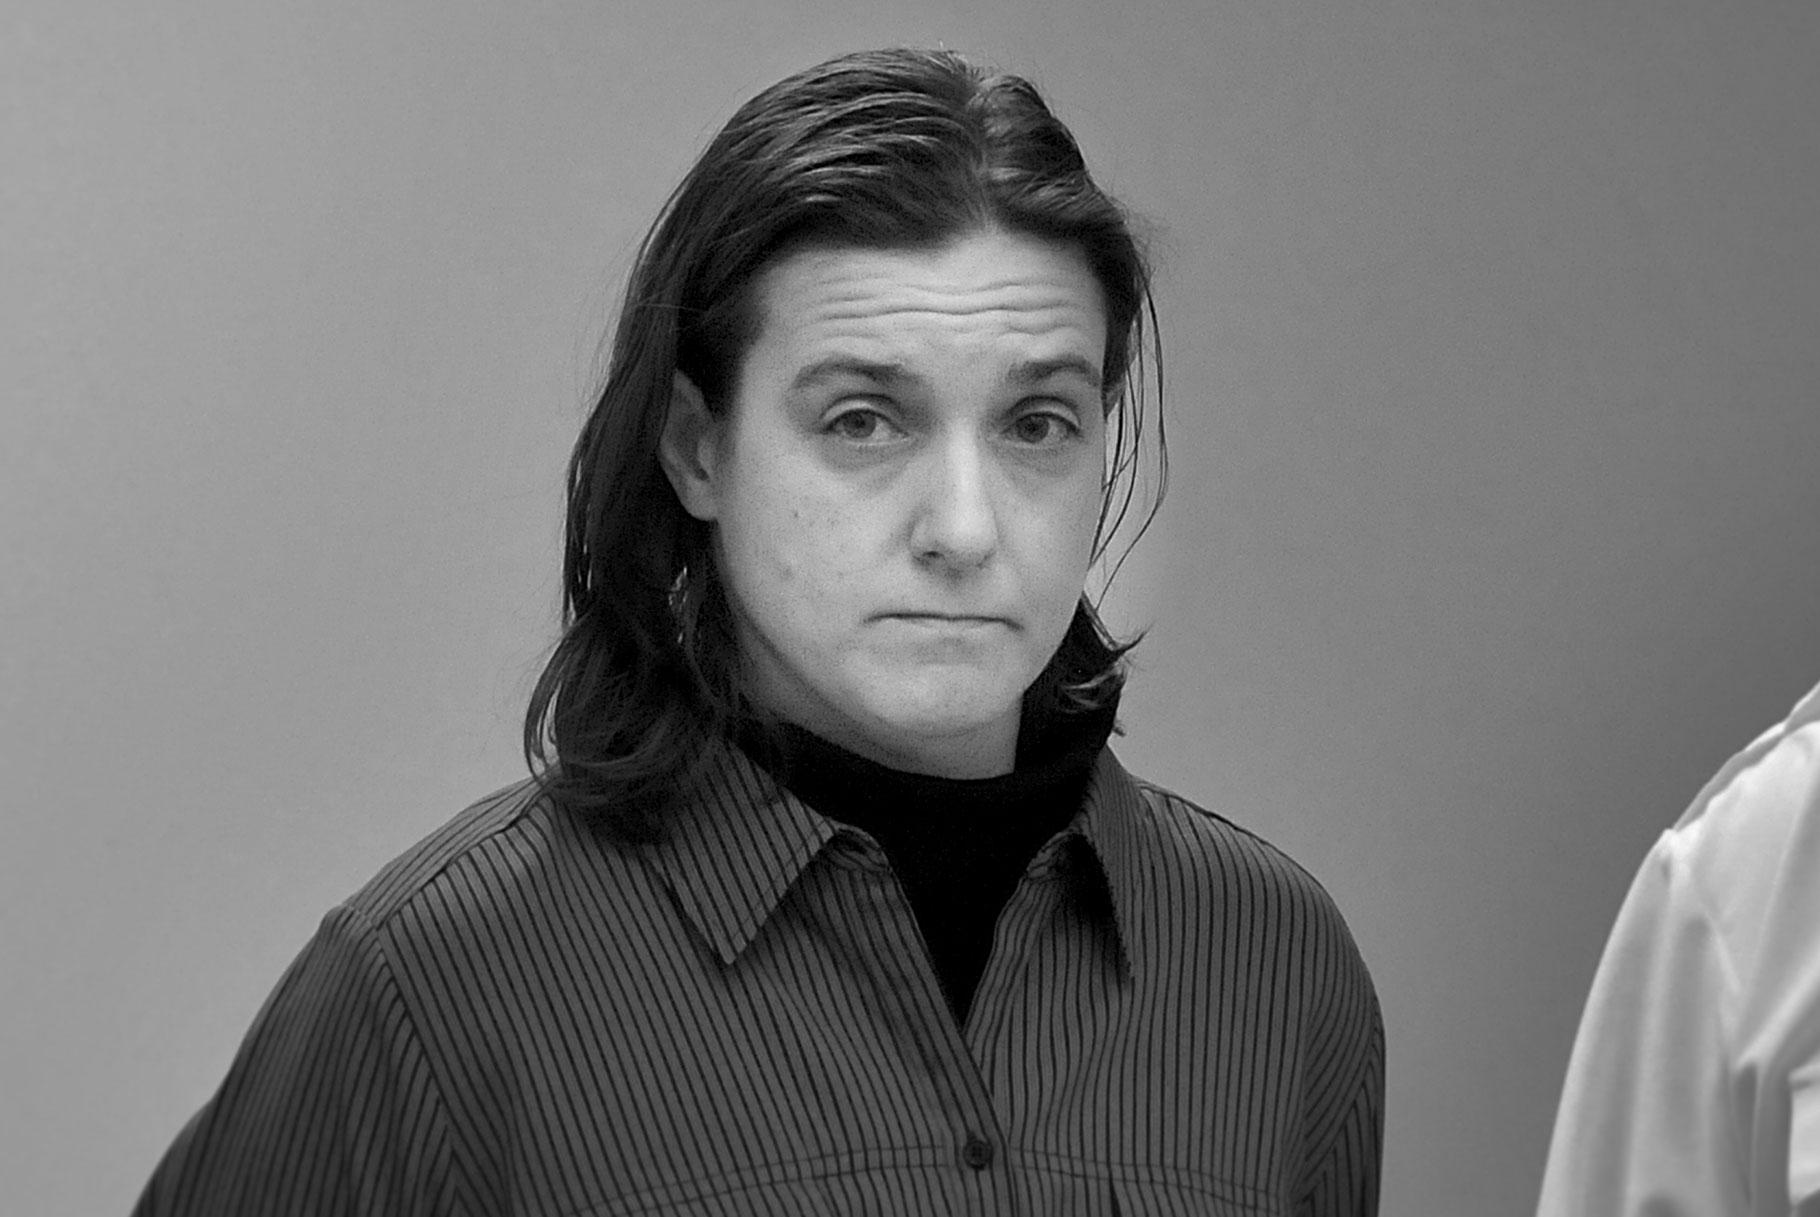 Hvor er Sonja Farak, labteknikeren fra 'Hvordan man løser en narkotikaskandale' nu?